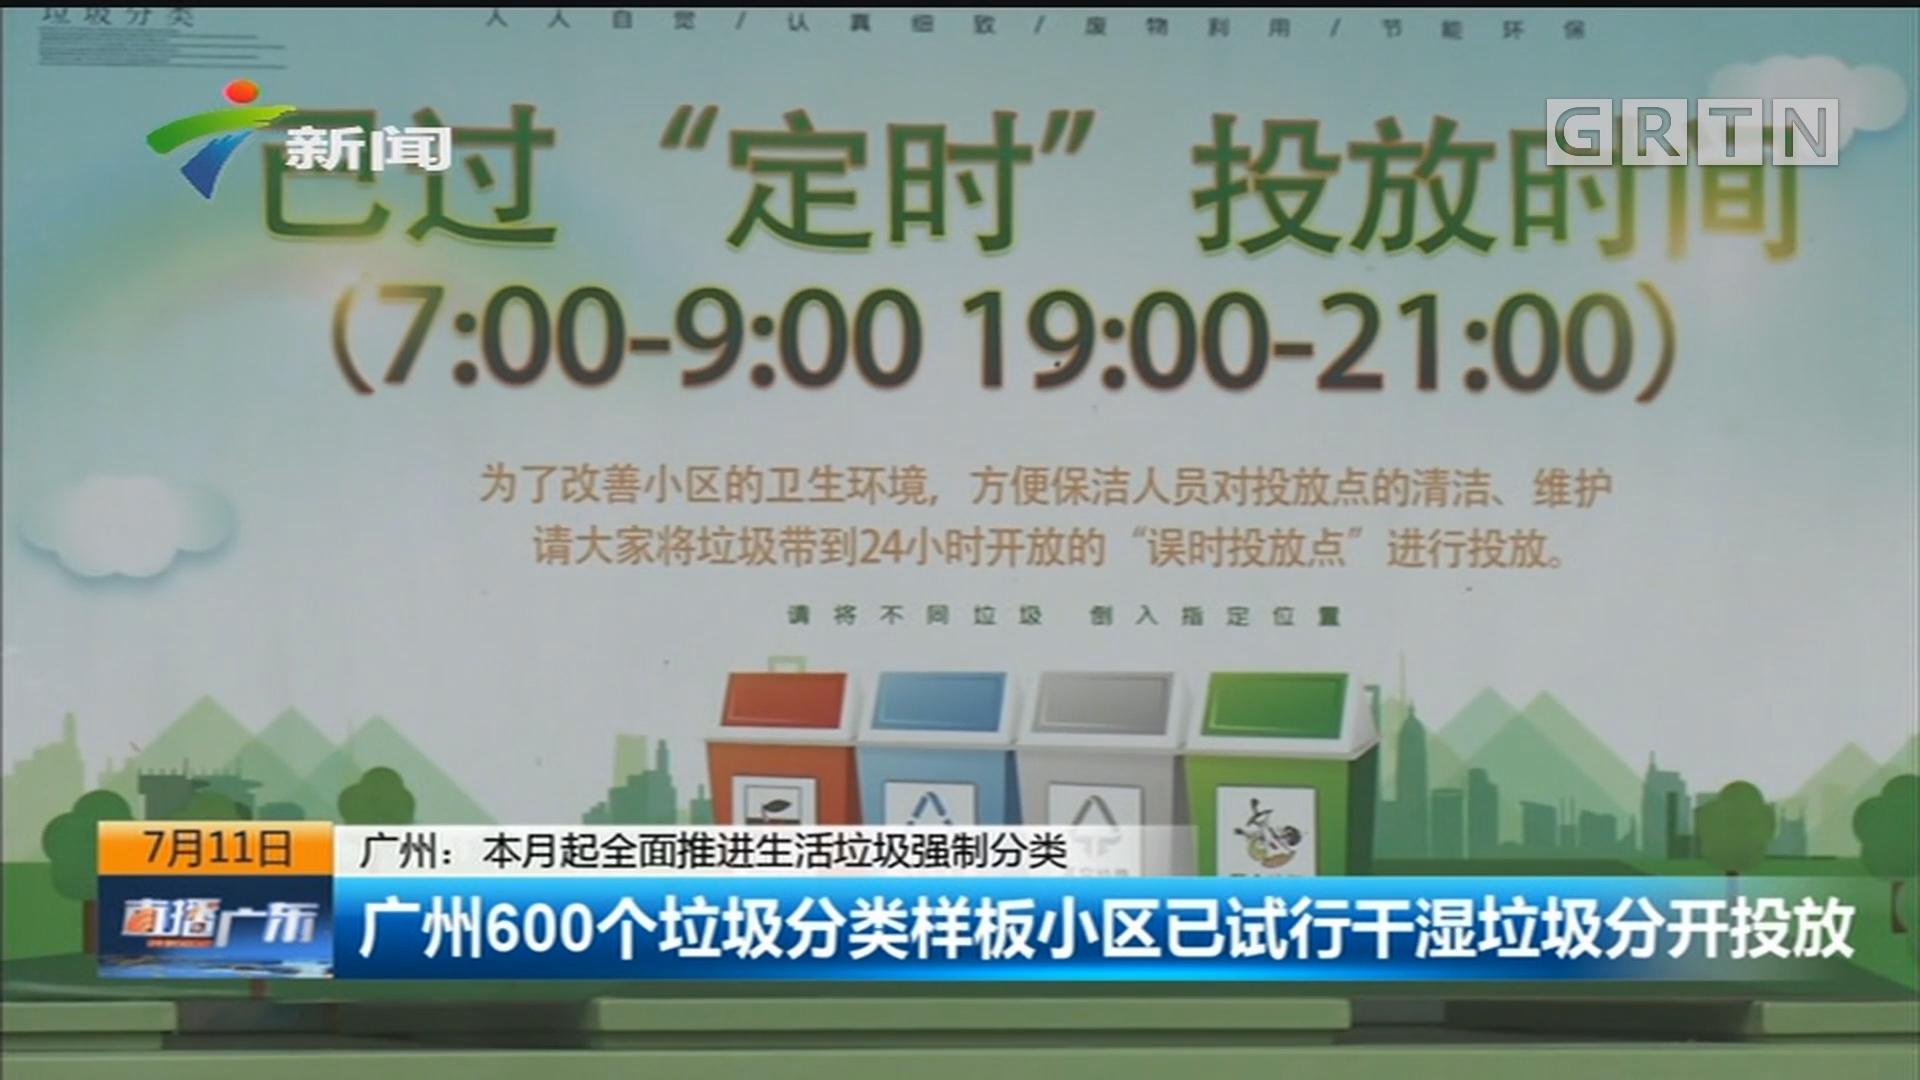 广州600个垃圾分类样板小区已试行干湿垃圾分开投放